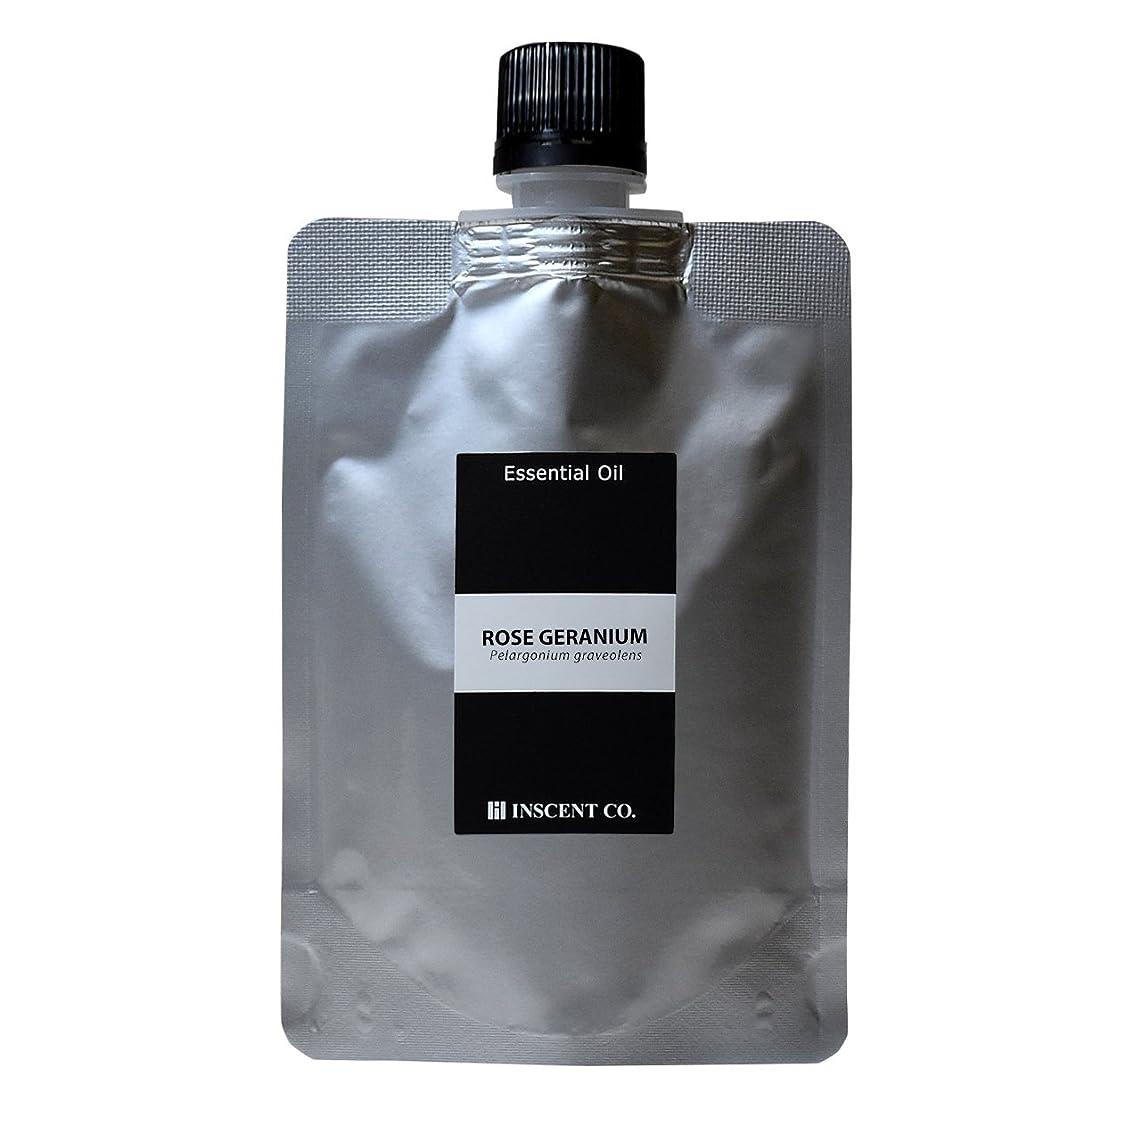 接触閉じるピストン(詰替用 アルミパック) ローズゼラニウム 50ml インセント アロマオイル AEAJ 表示基準適合認定精油